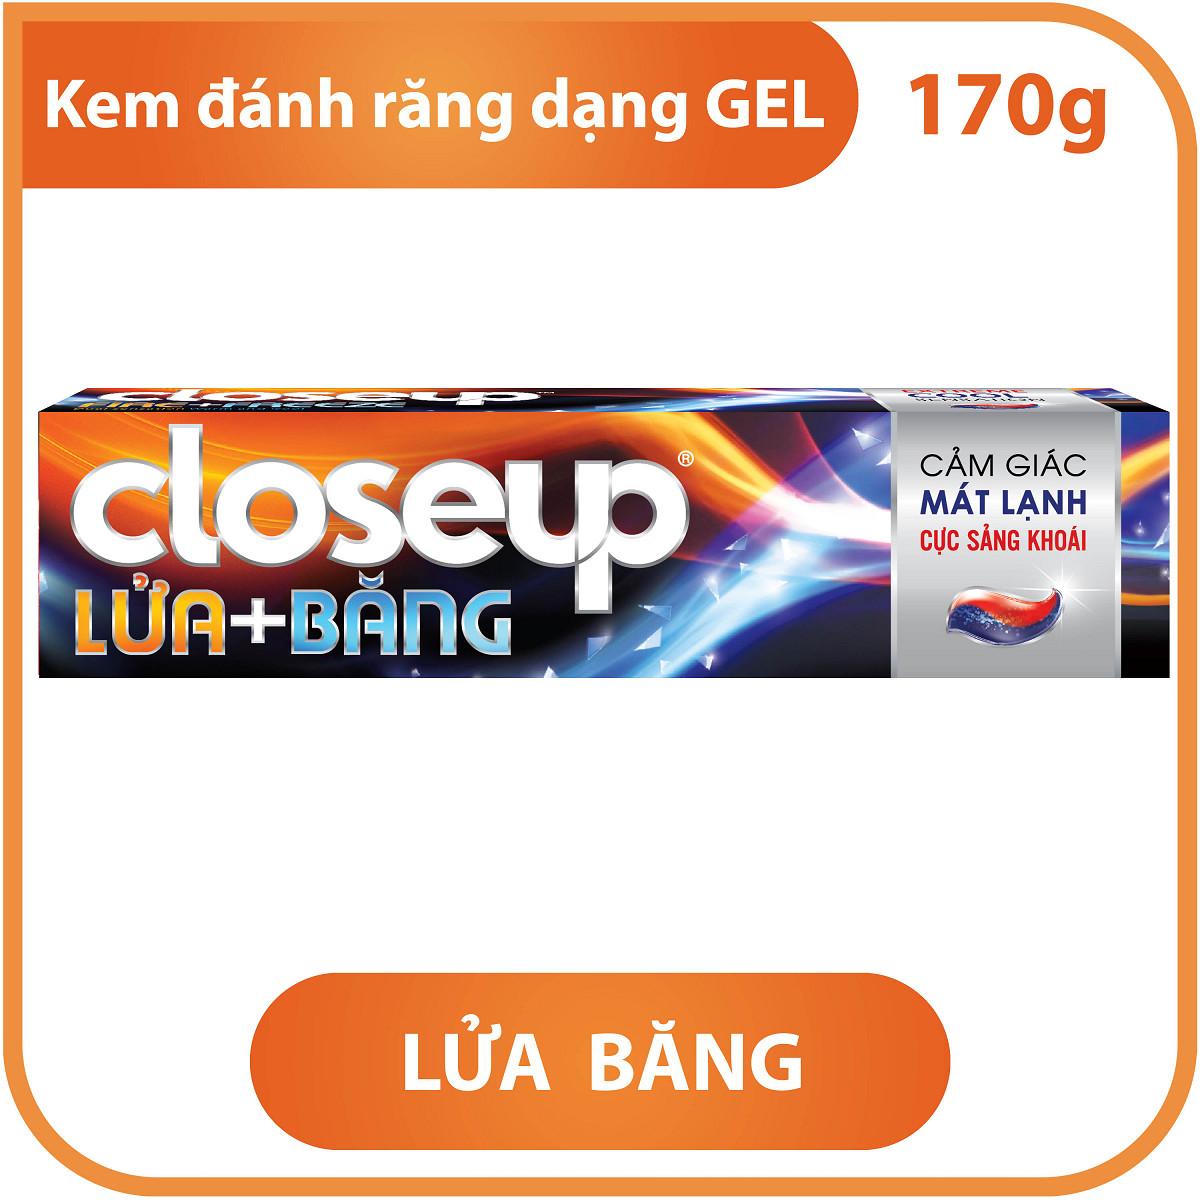 Kem Đánh Răng CloseUp Lửa Băng (170g)